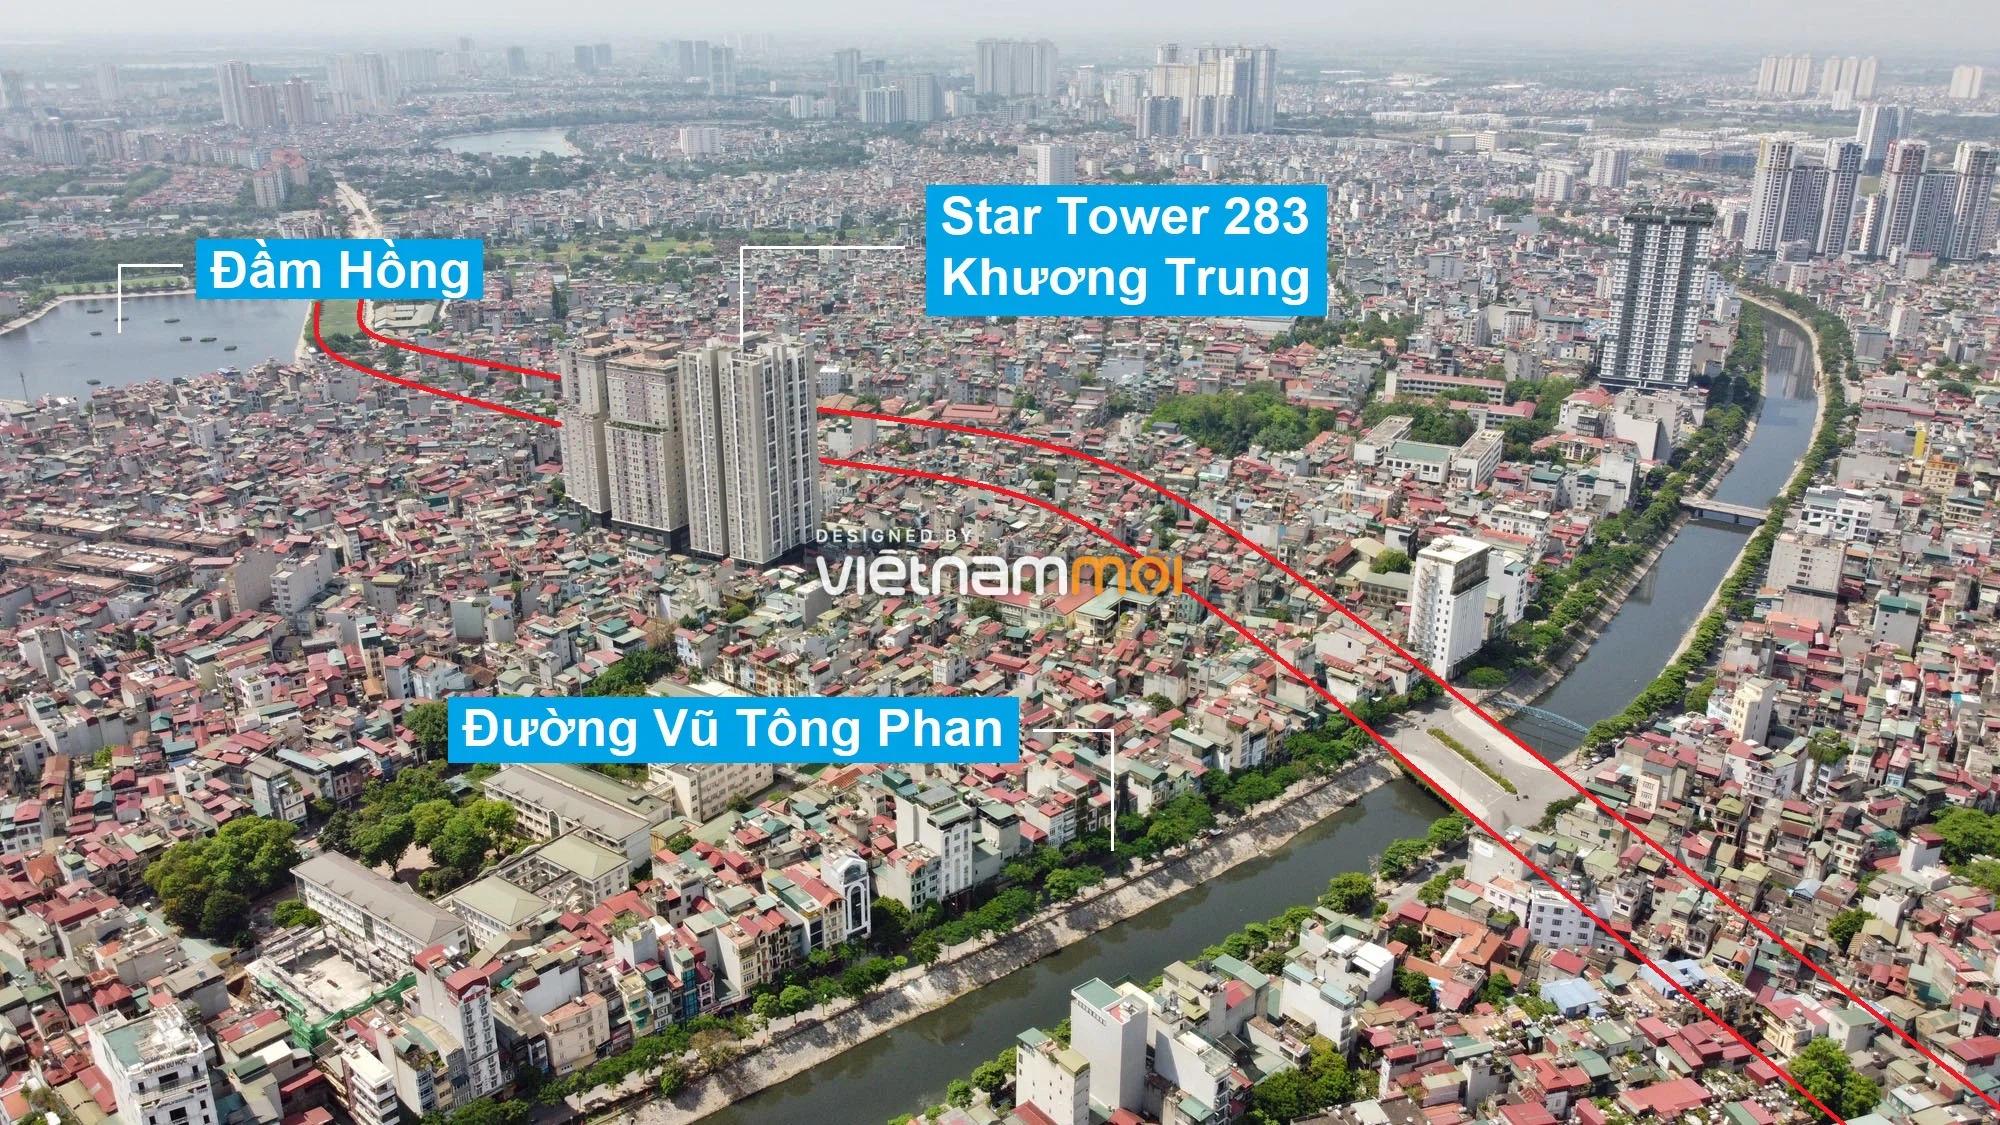 Hà Nội hủy 82 dự án BT, hàng loạt dự án của các 'ông lớn' bất động sản như T&T, Geleximco, Bitexco, Him Lam - Ảnh 1.